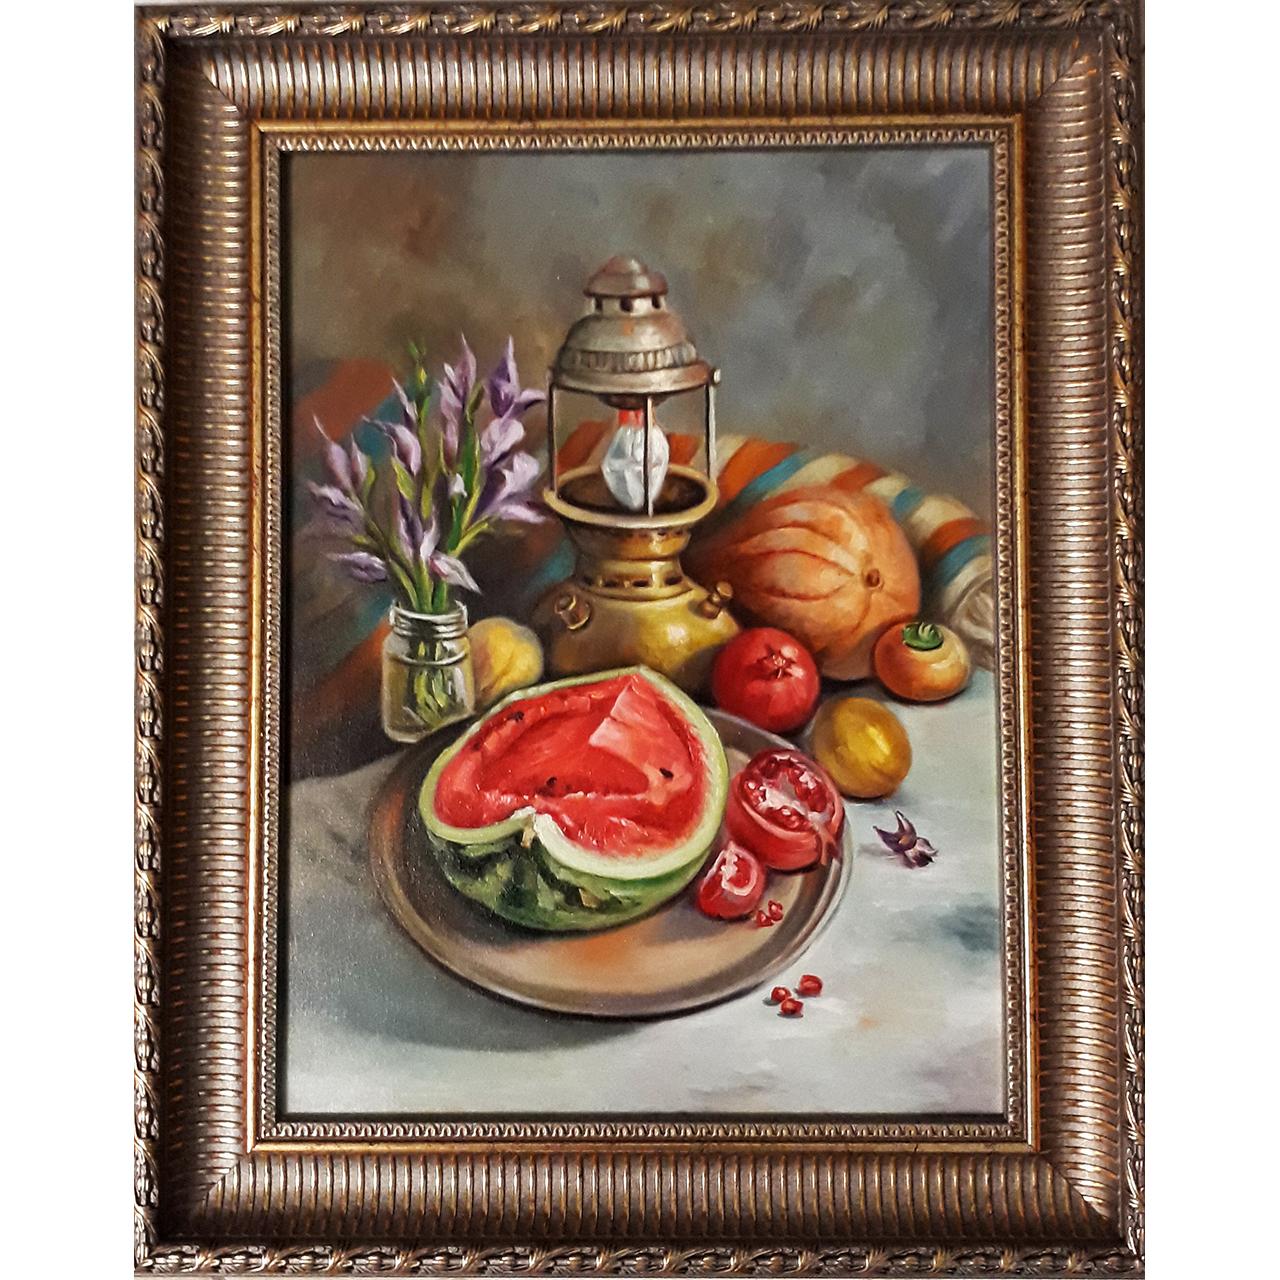 خرید                      تابلو نقاشی رنگ روغن طرح چراغ زنبوری و میوه